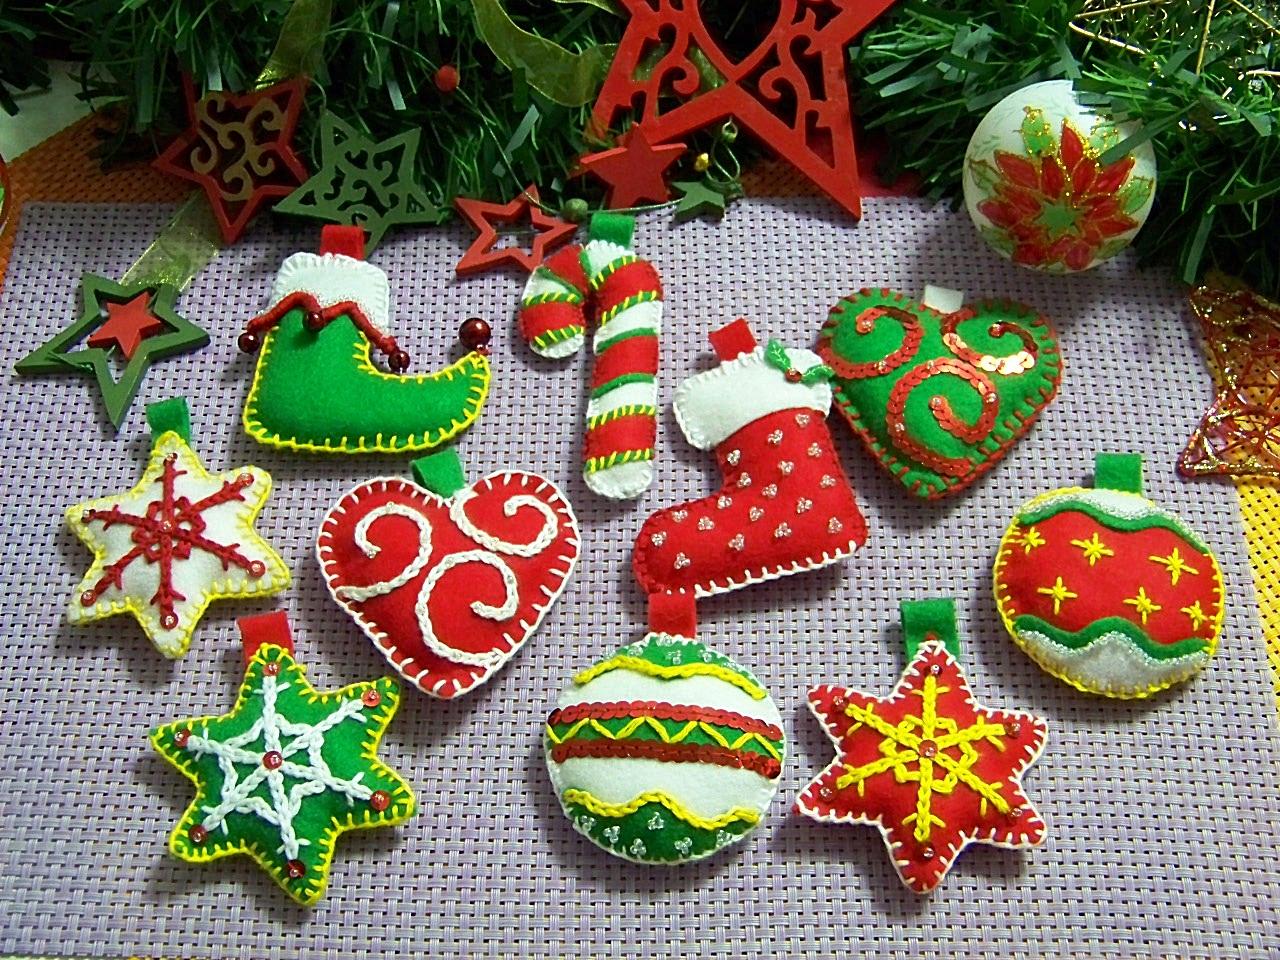 Mi cocinita de juguete feliz navidad mis adornos - Arbol de navidad adornos ...